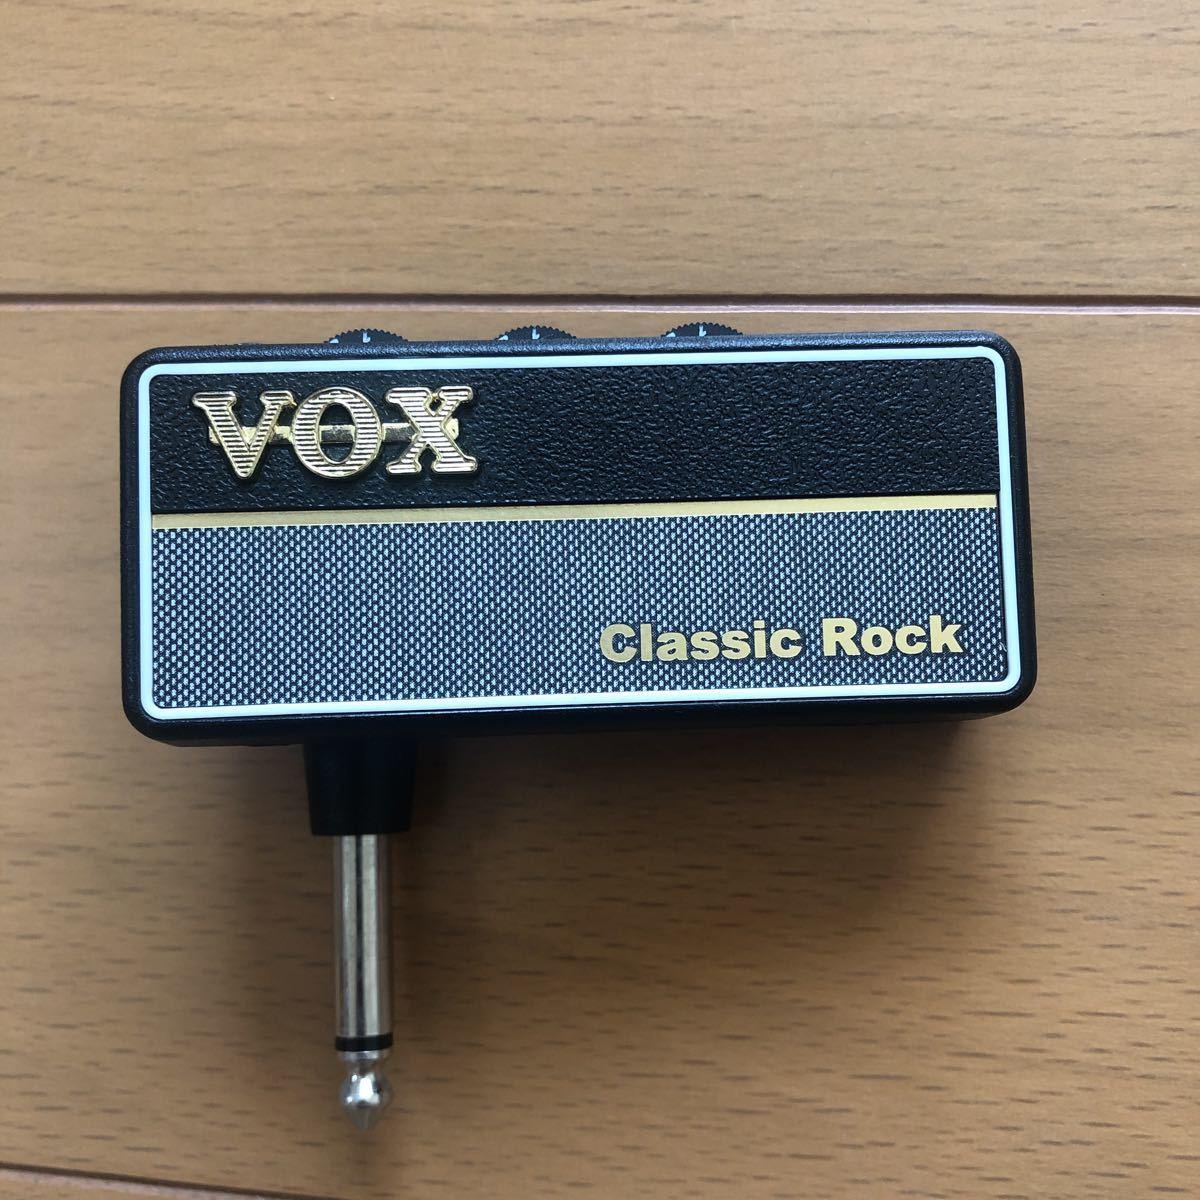 VOX ヘッドフォン ギターアンプ amPlug2 Classic Rock ケーブル不要 ギターに直接プラグ・イン 自宅練習